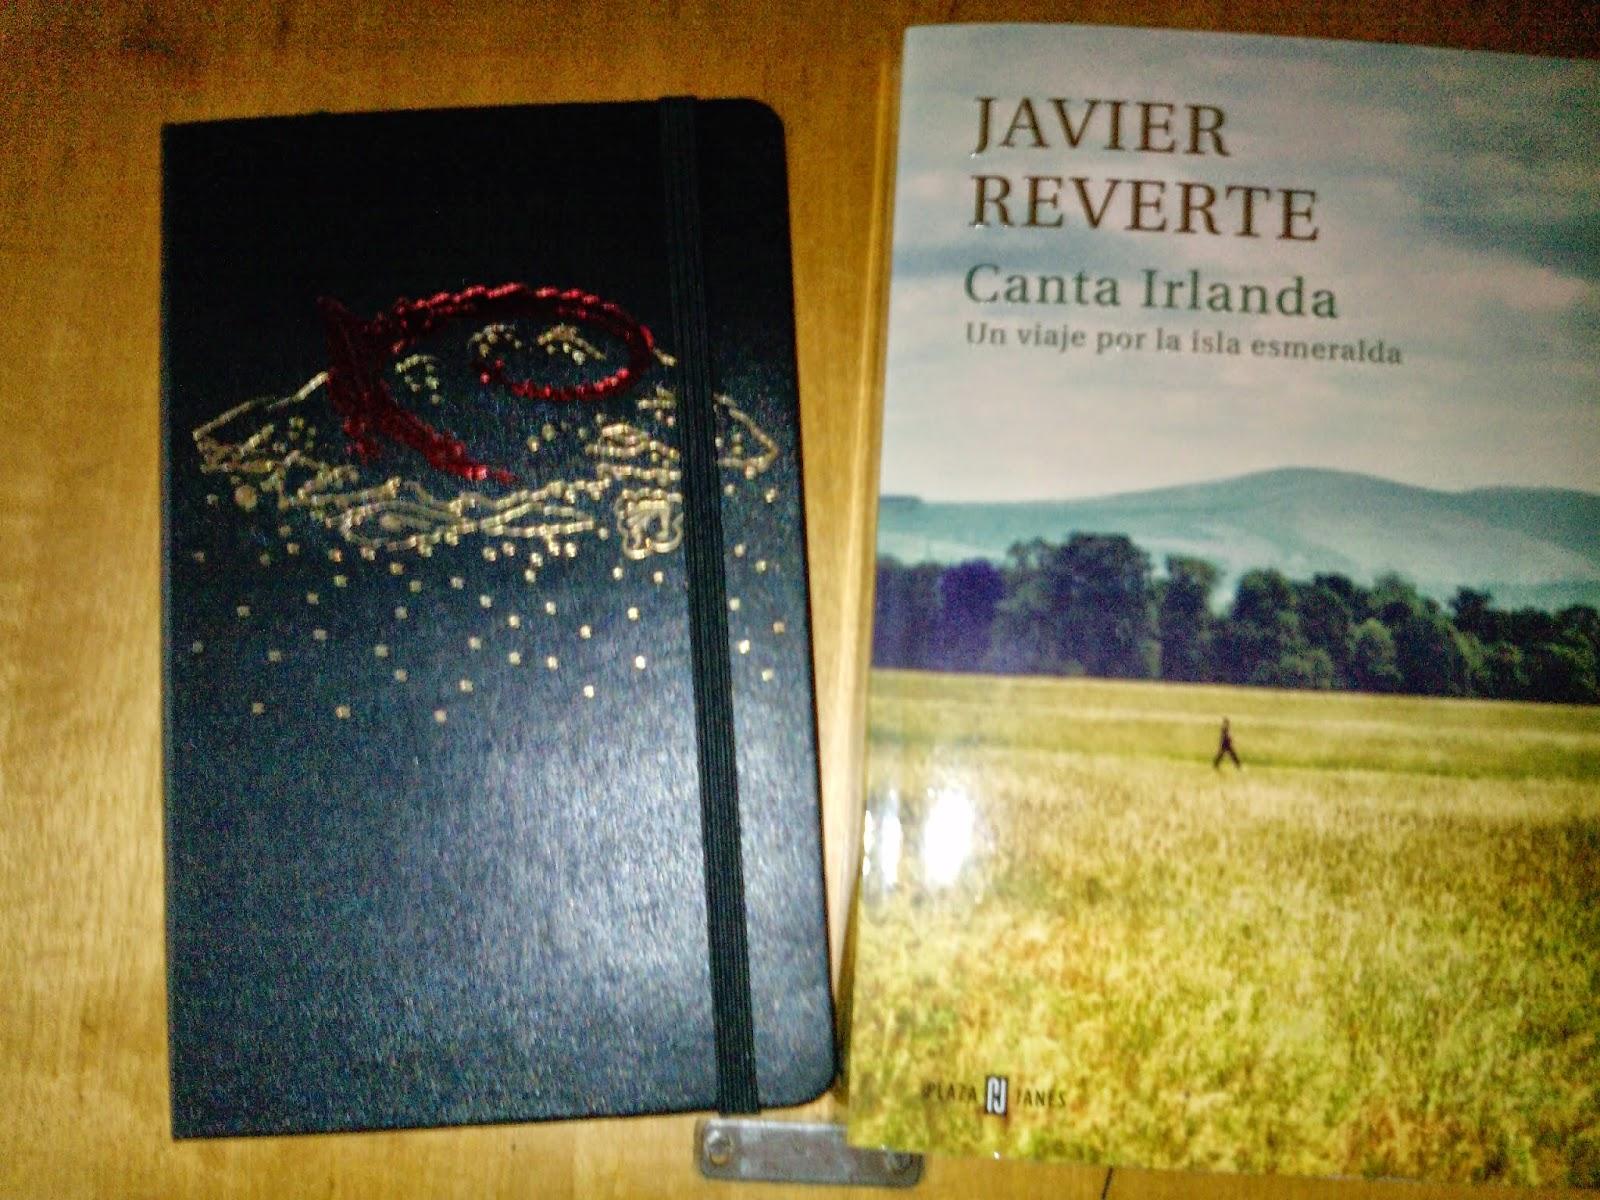 Cuaderno Moleskine de El hobbit y Canta a Irlanda de Javier Reverte